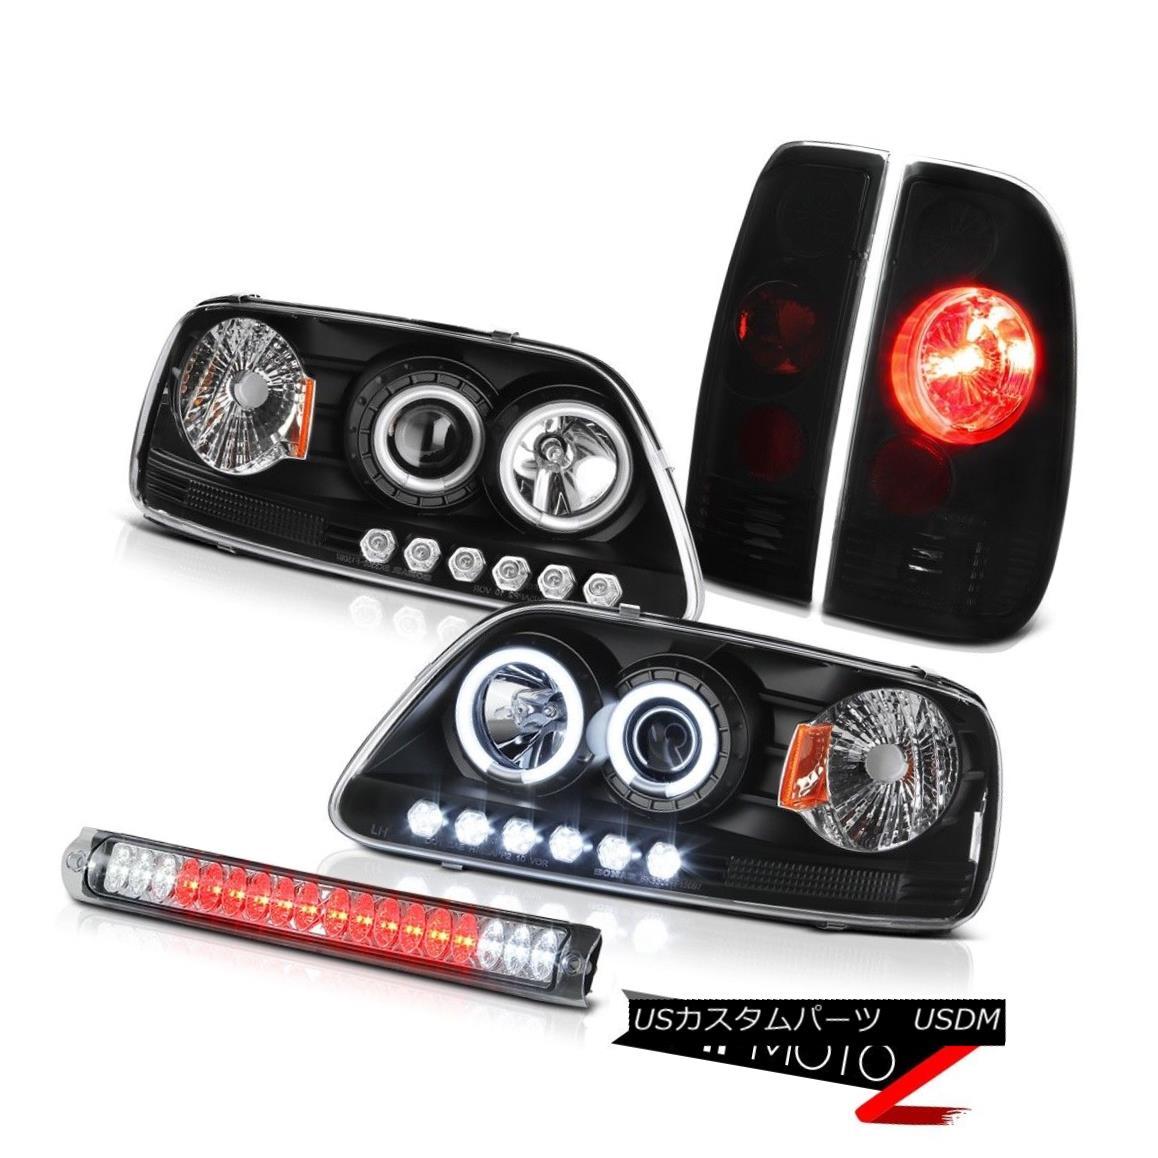 テールライト CCFL Halo Ring Black Head Lamp Light Rear Brake Tail 3rd Chrome Ford F150 97-03 CCFLハローリングブラックヘッドランプライトリアブレーキテール3rd ChromeフォードF150 97-03